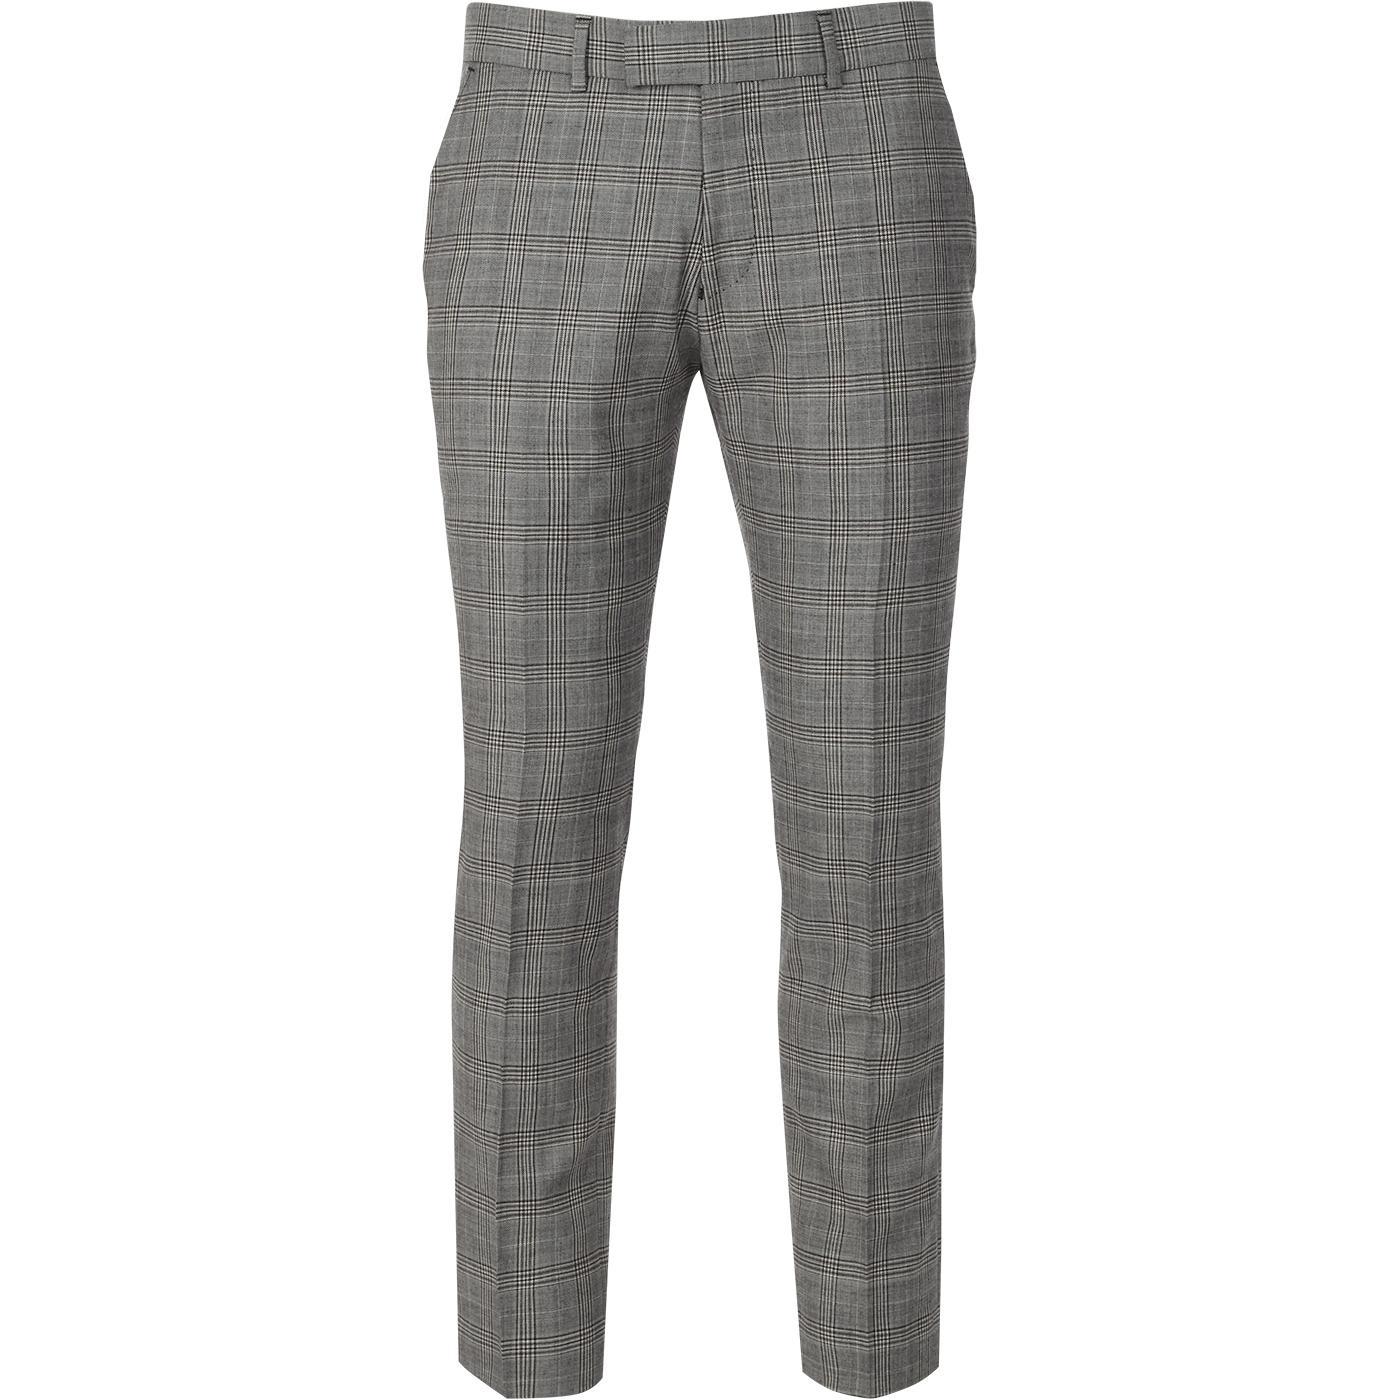 MADCAP ENGLAND 60s Mod Pow Check Suit Trousers (G)